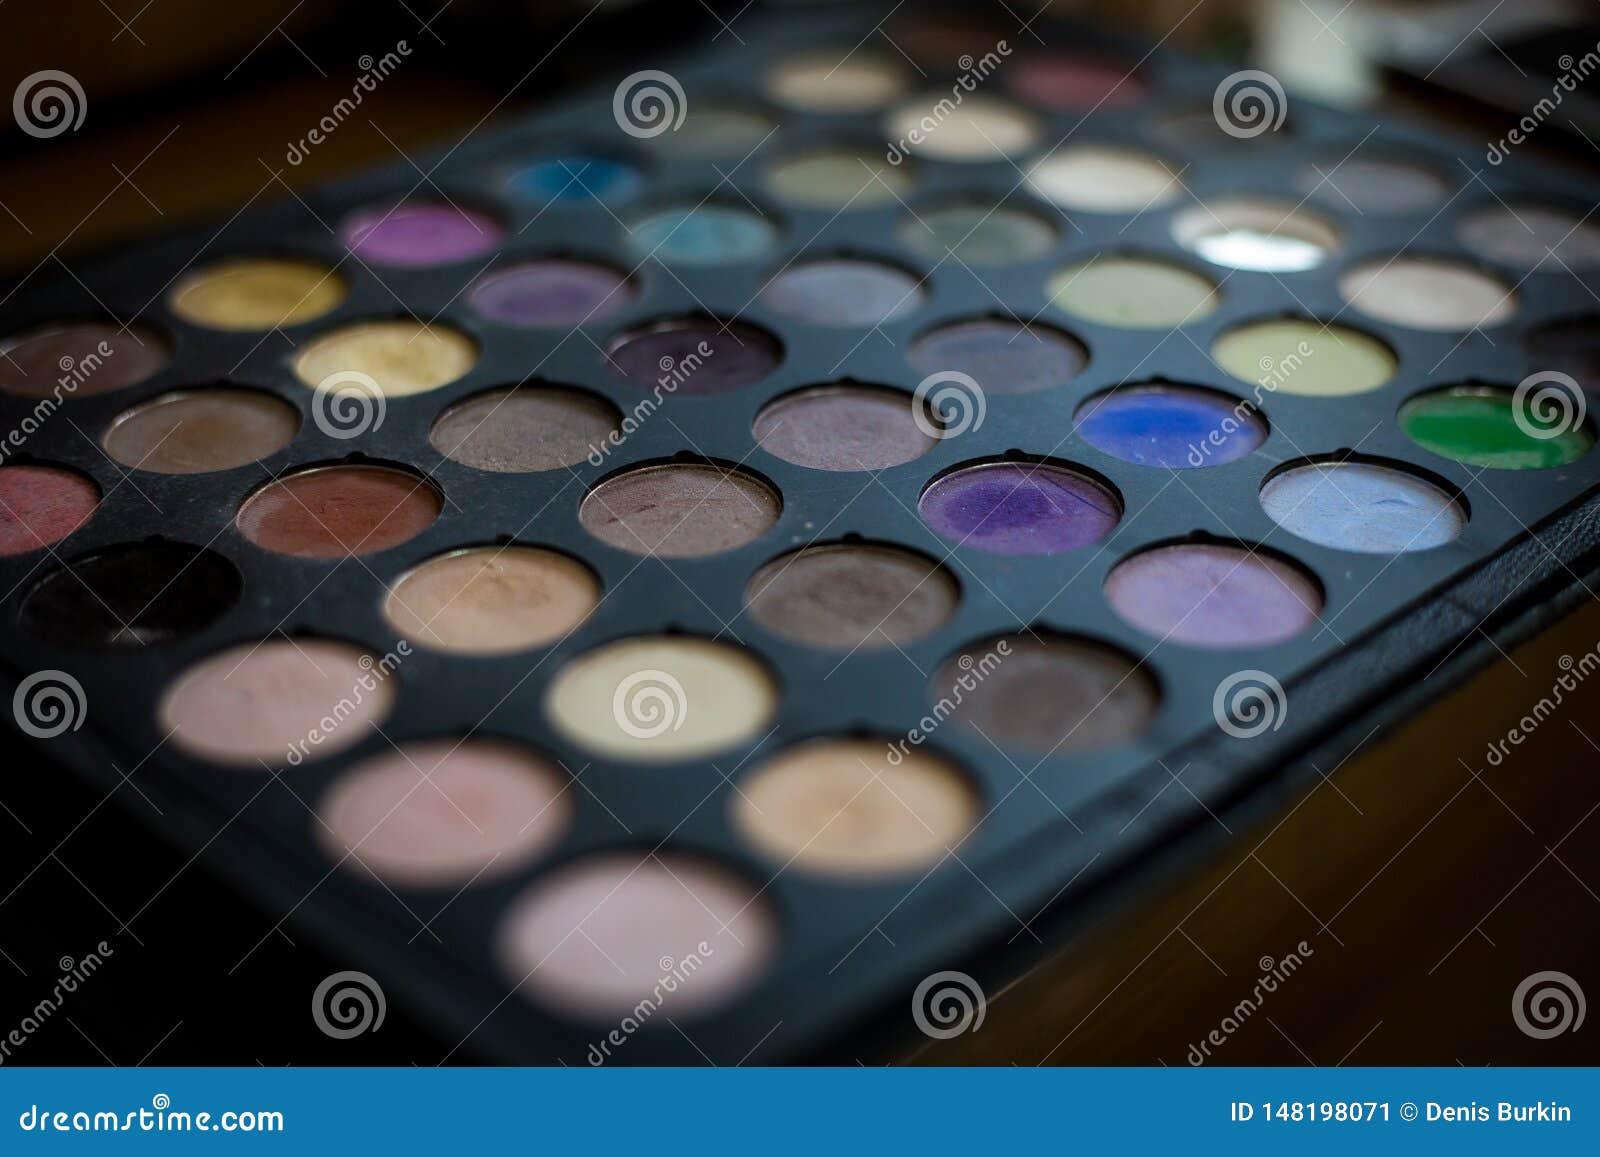 Cosméticos profesionales de la paleta colorida de las sombras de ojos para la creación del maquillaje moderno Paleta multicolora